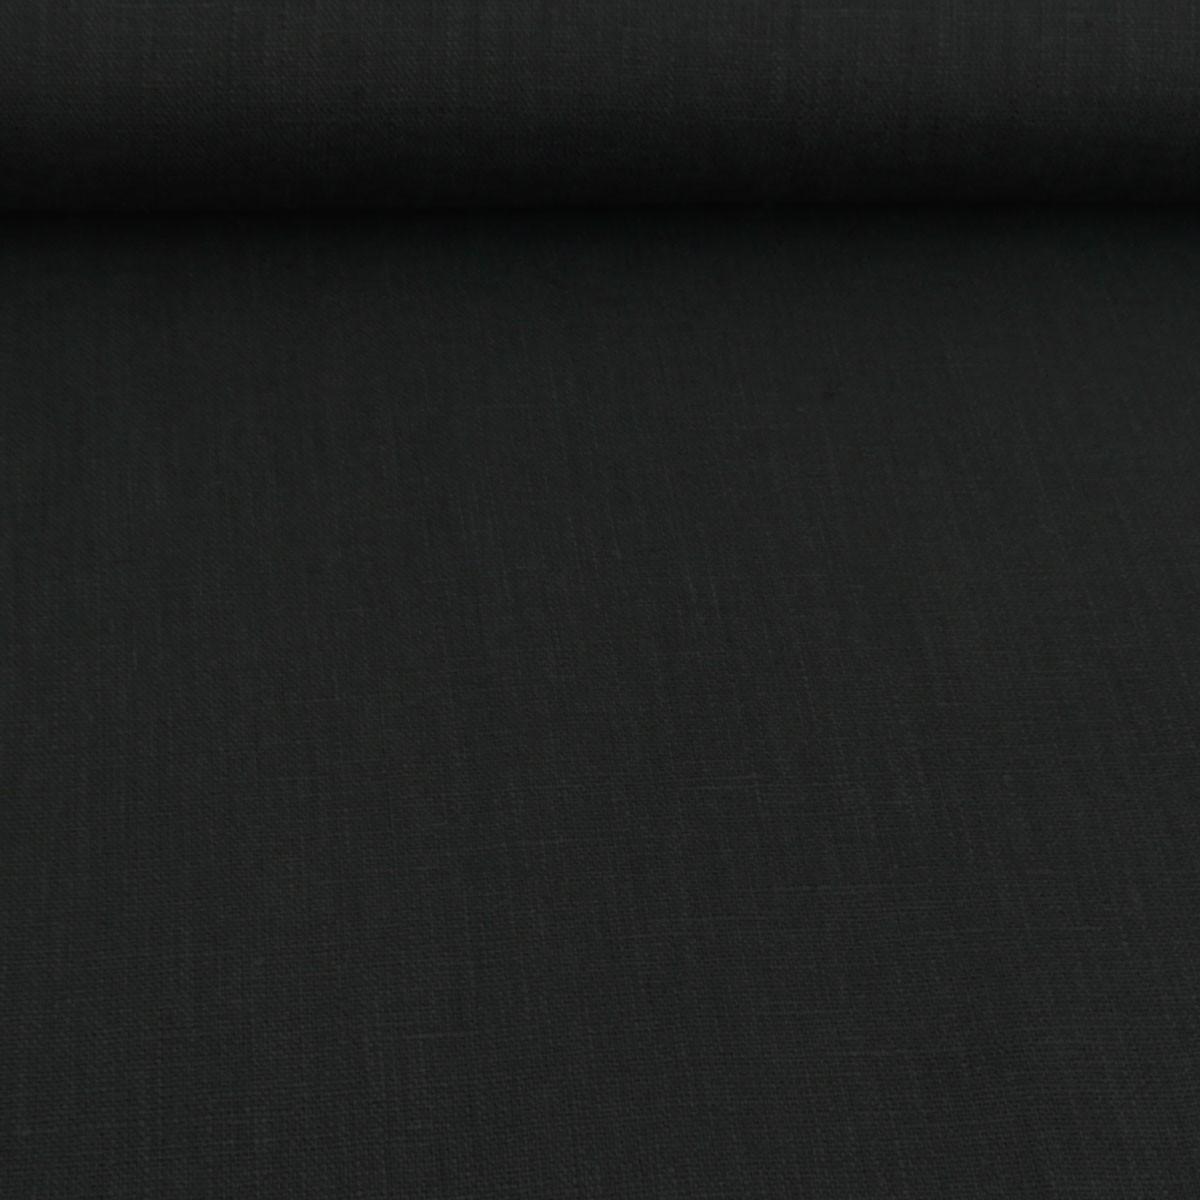 Bekleidungsstoff Leinen 255g/m² einfarbig schwarz